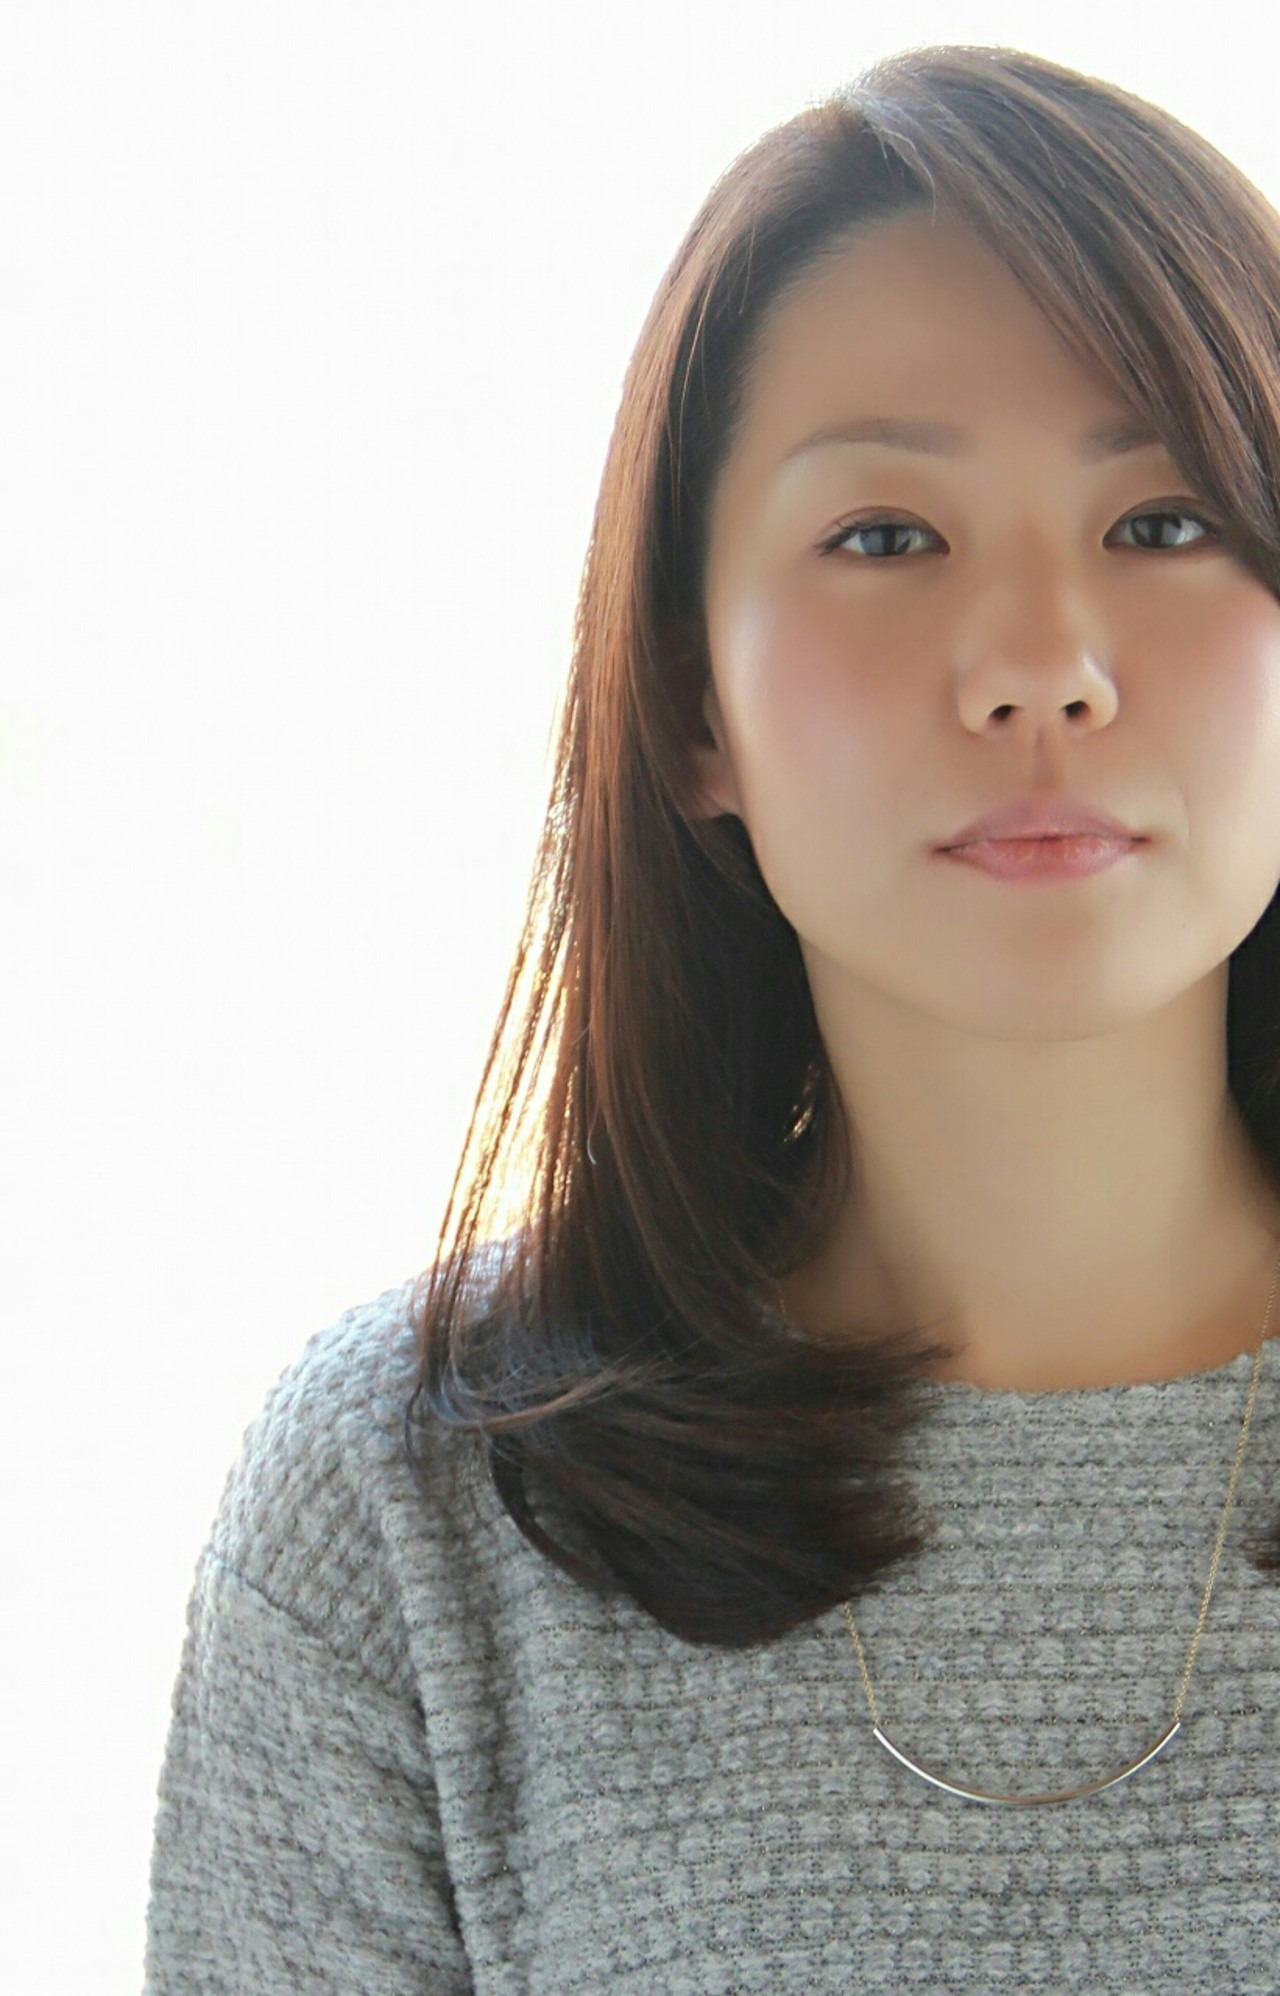 卵型 ナチュラル 大人かわいい ゆるふわ ヘアスタイルや髪型の写真・画像 | 塩見 広資(ぽけっと) / ヘアサロンポタジェ